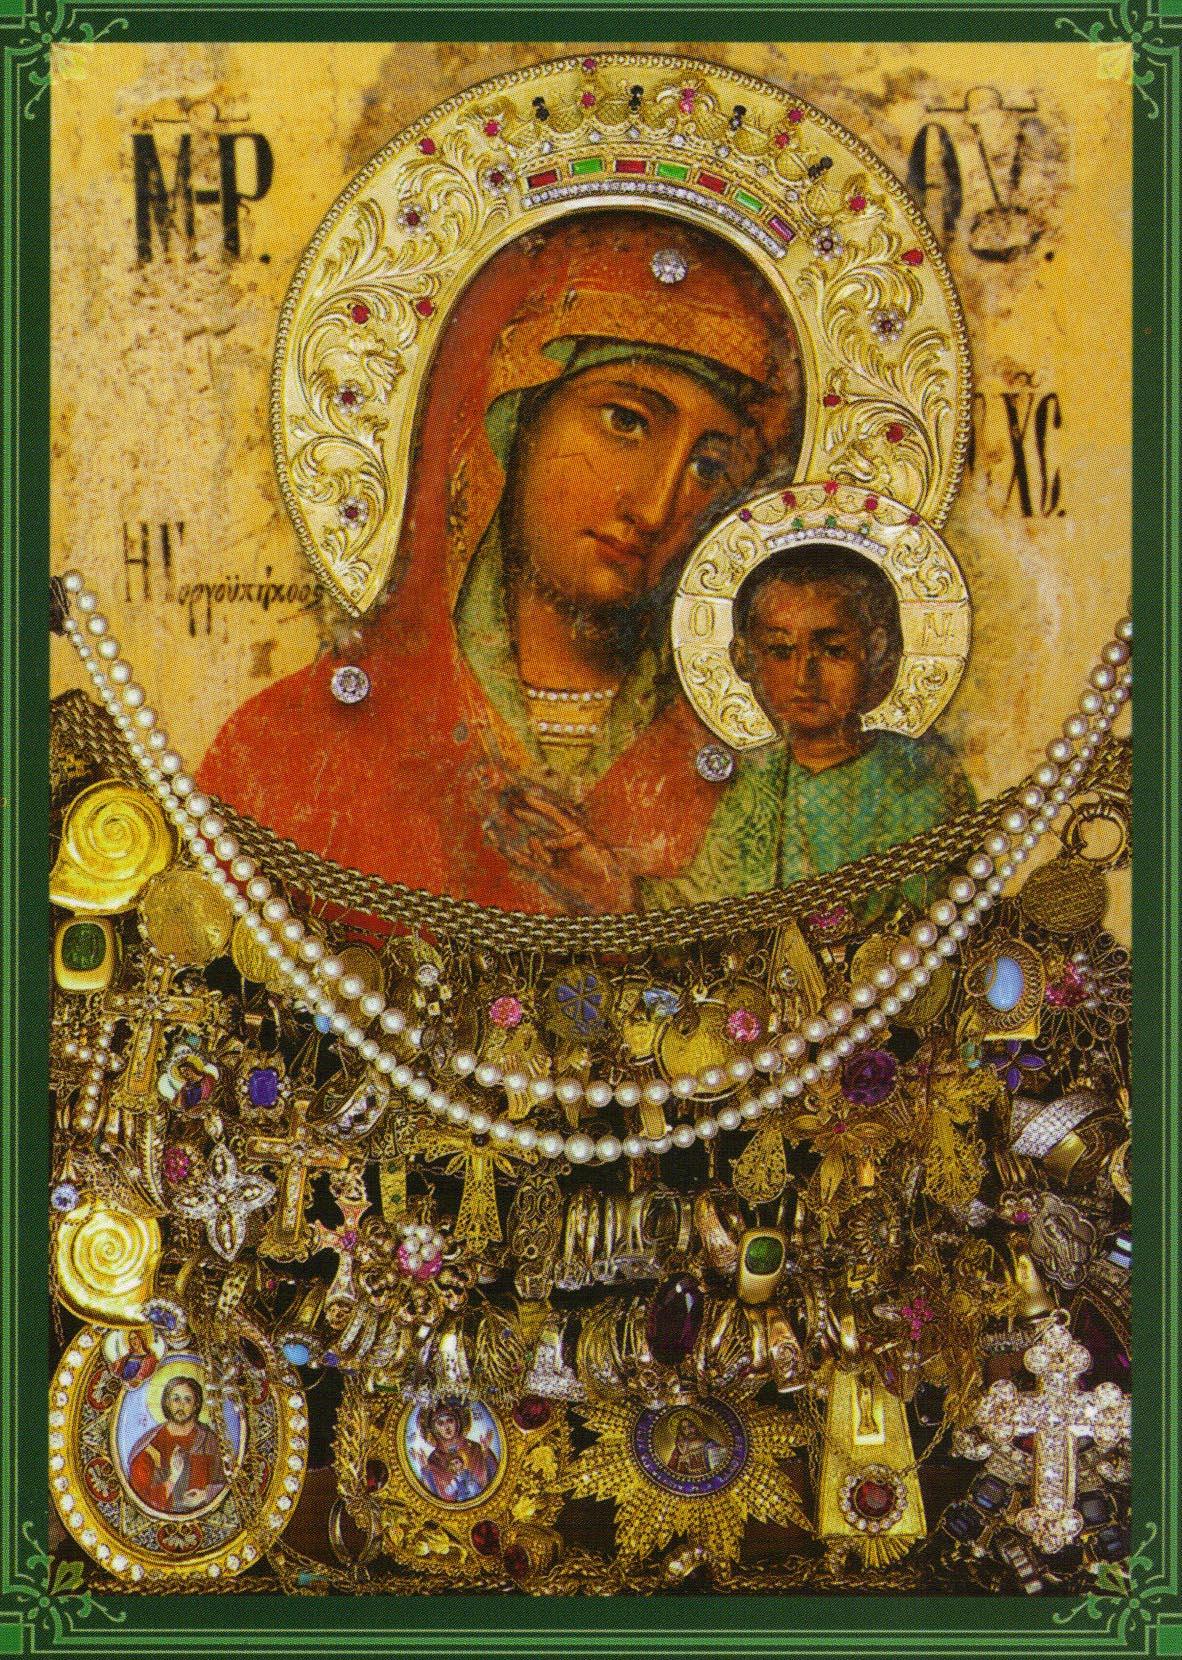 Η Παναγία στη νεοελληνική ποίηση - Κιβωτός της Ορθοδοξίας b347806851f